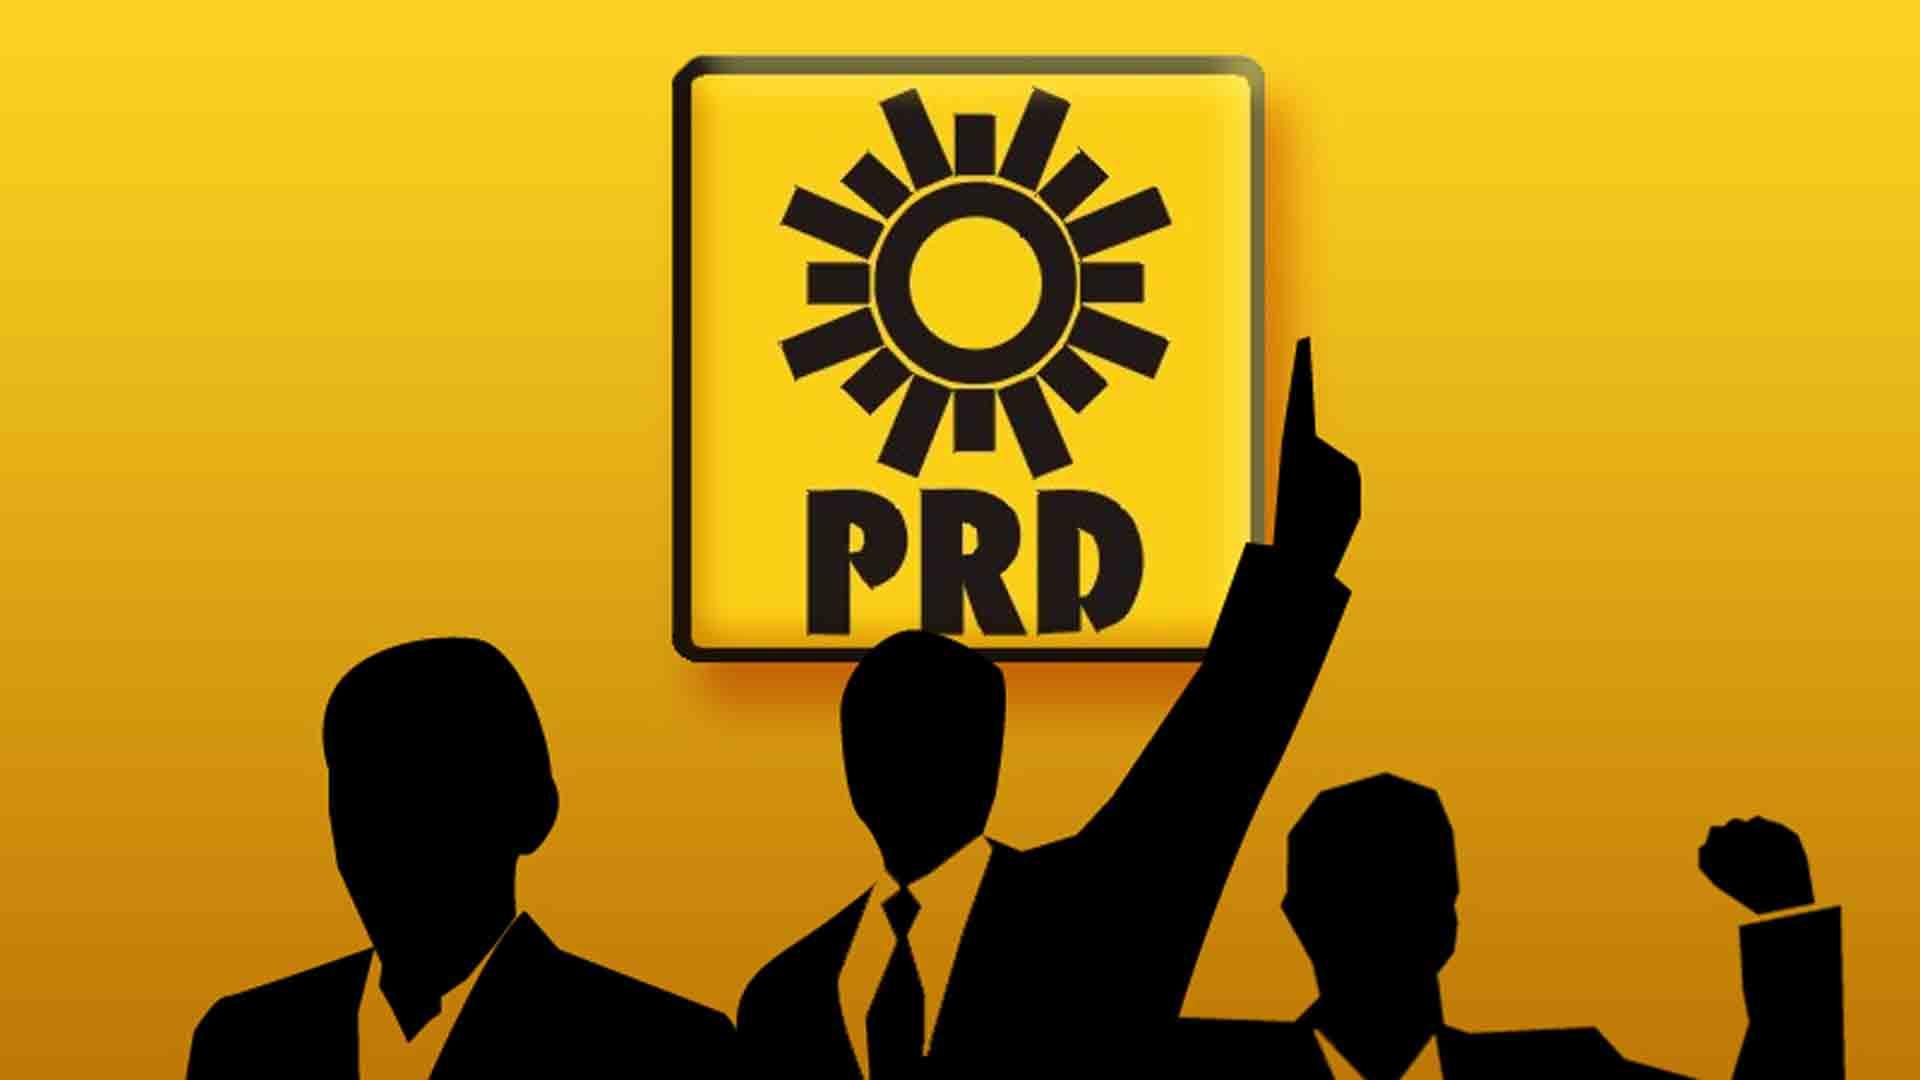 CRÓNICA POLÍTICA: PRD, ¿nuevo modelo de partido? ¿Con los mismos?